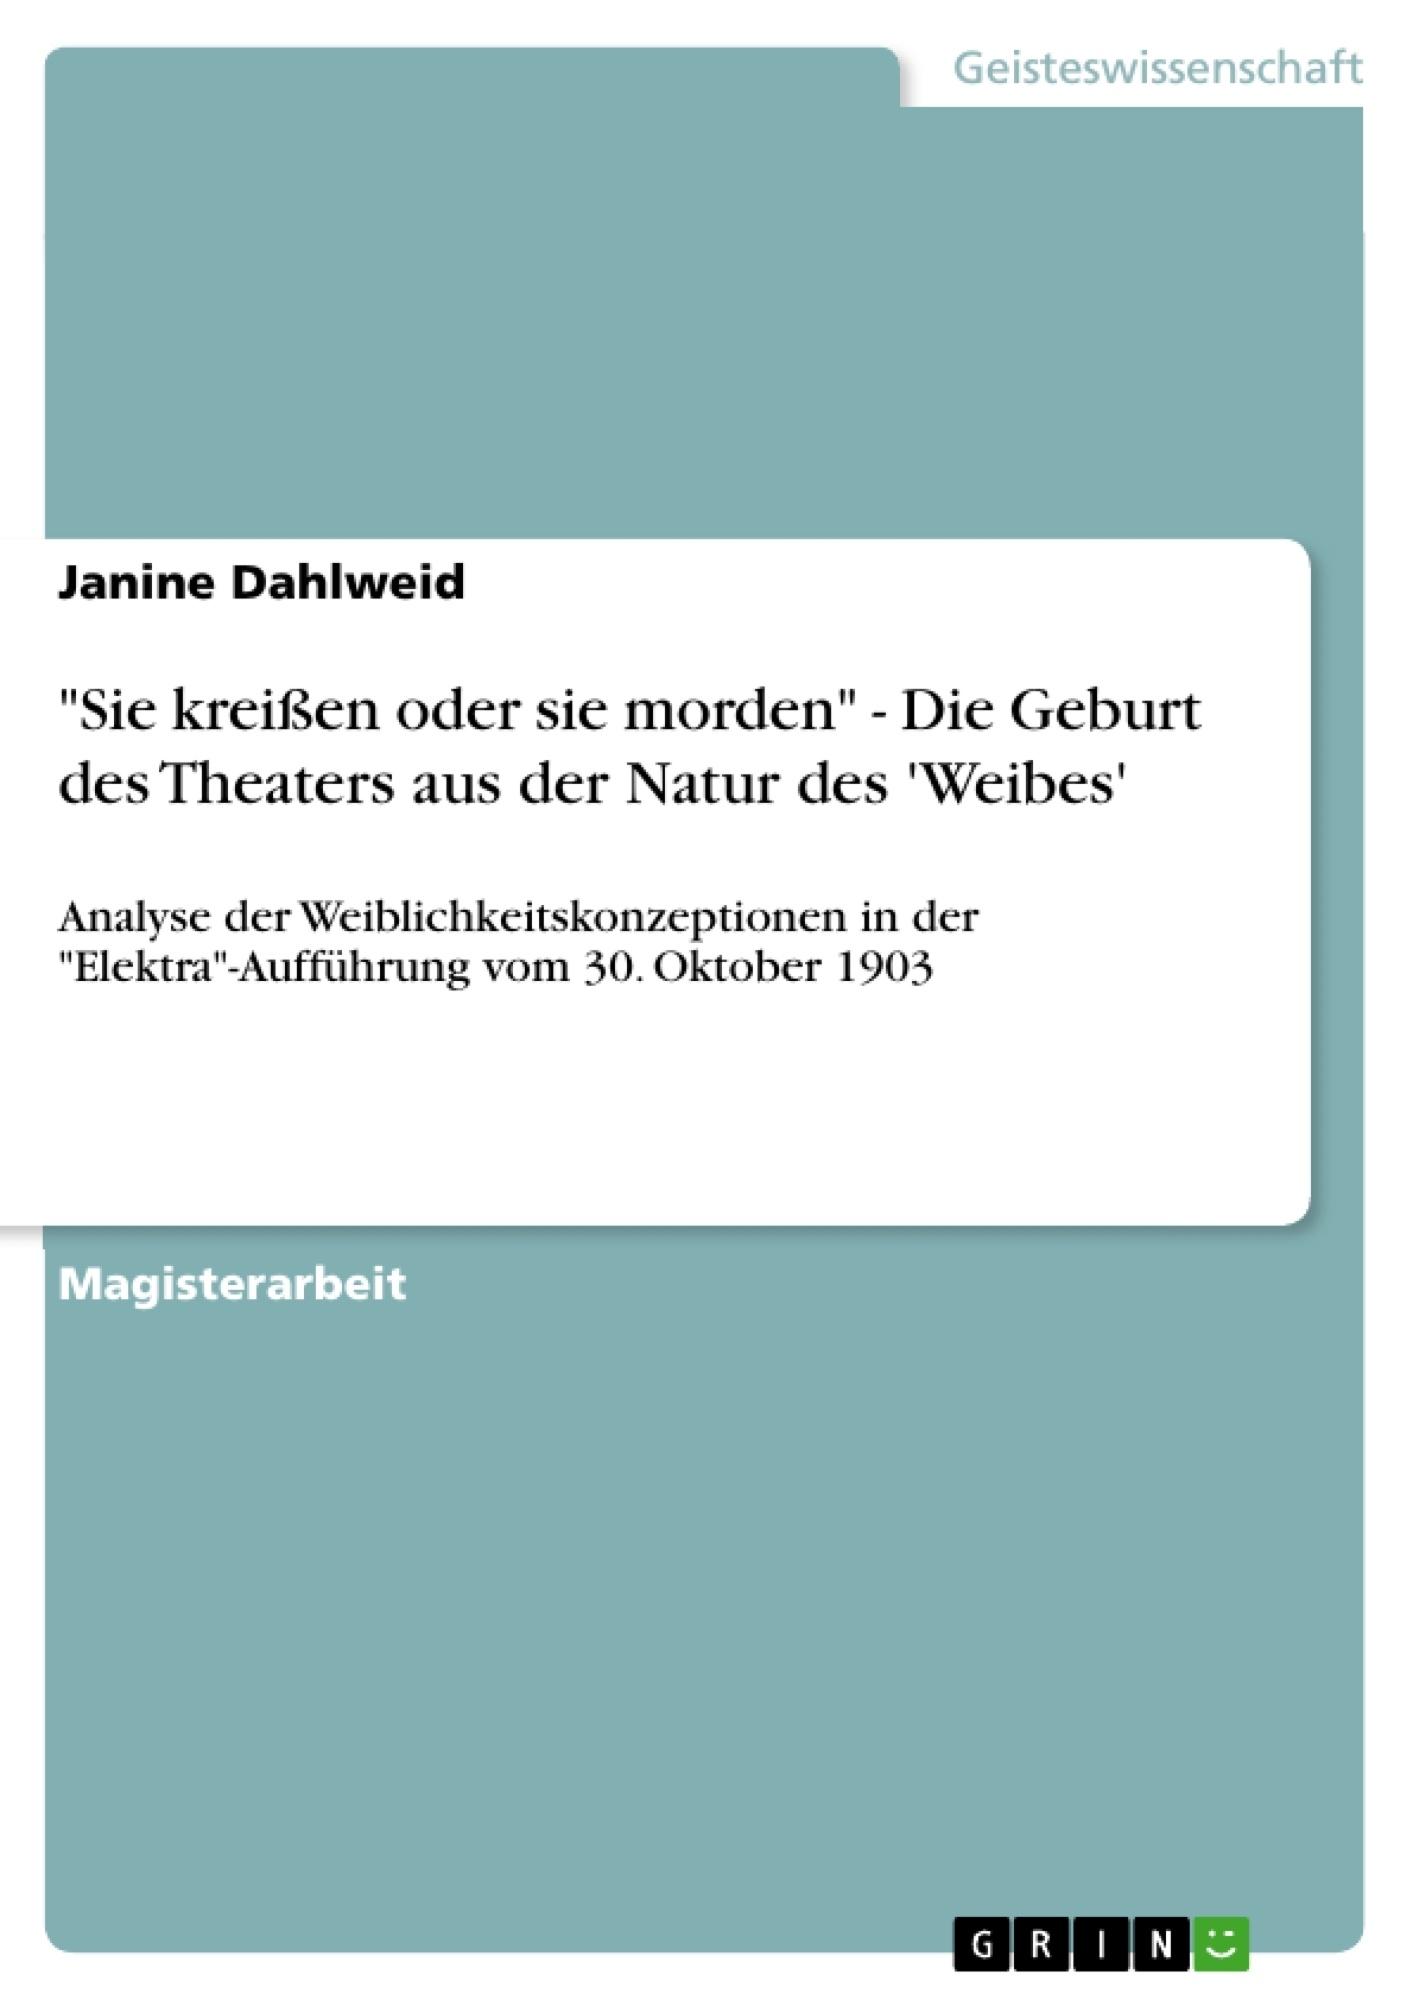 """Titel: """"Sie kreißen oder sie morden"""" - Die Geburt des Theaters aus der Natur des 'Weibes'"""